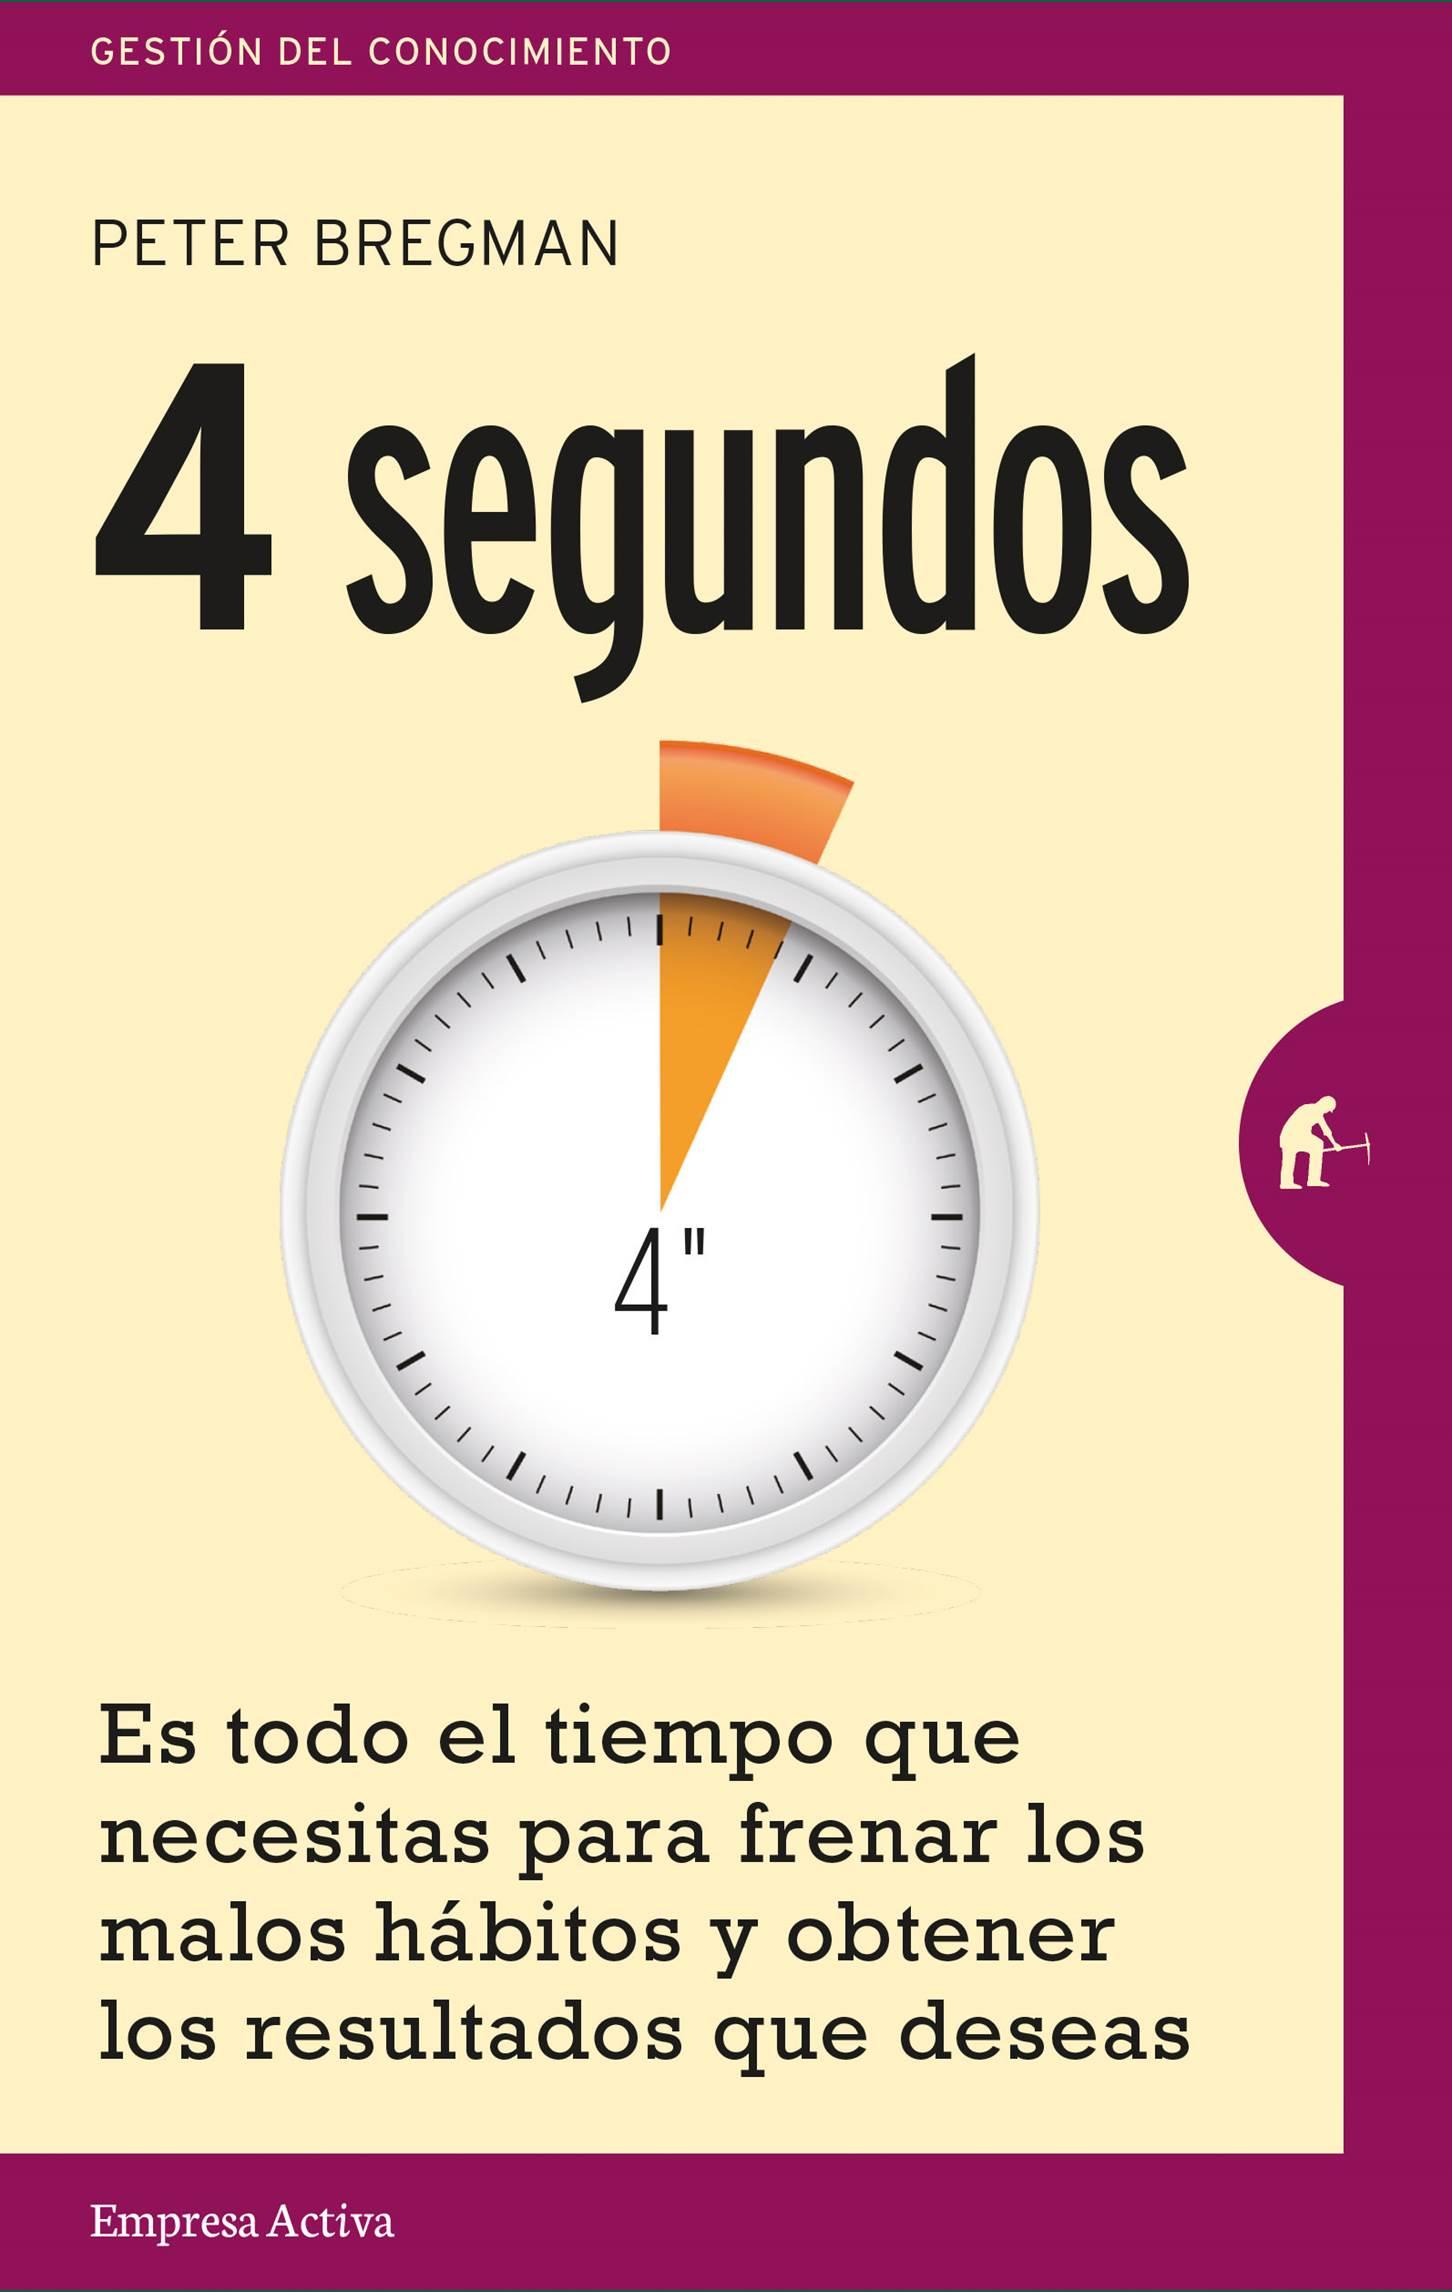 4 segundos